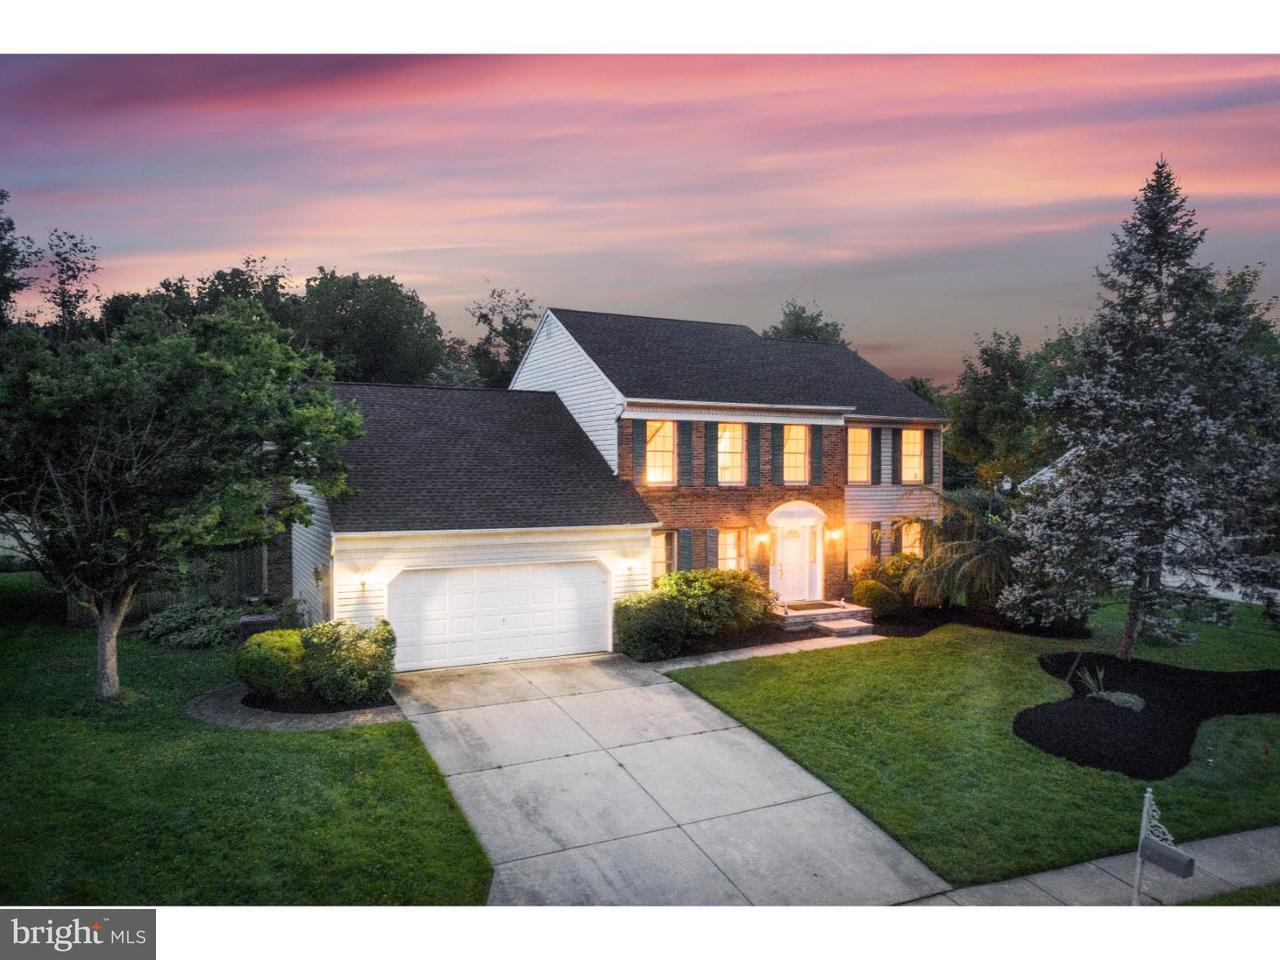 Частный односемейный дом для того Аренда на 45 ABINGTON Road Mount Laurel, Нью-Джерси 08054 Соединенные Штаты